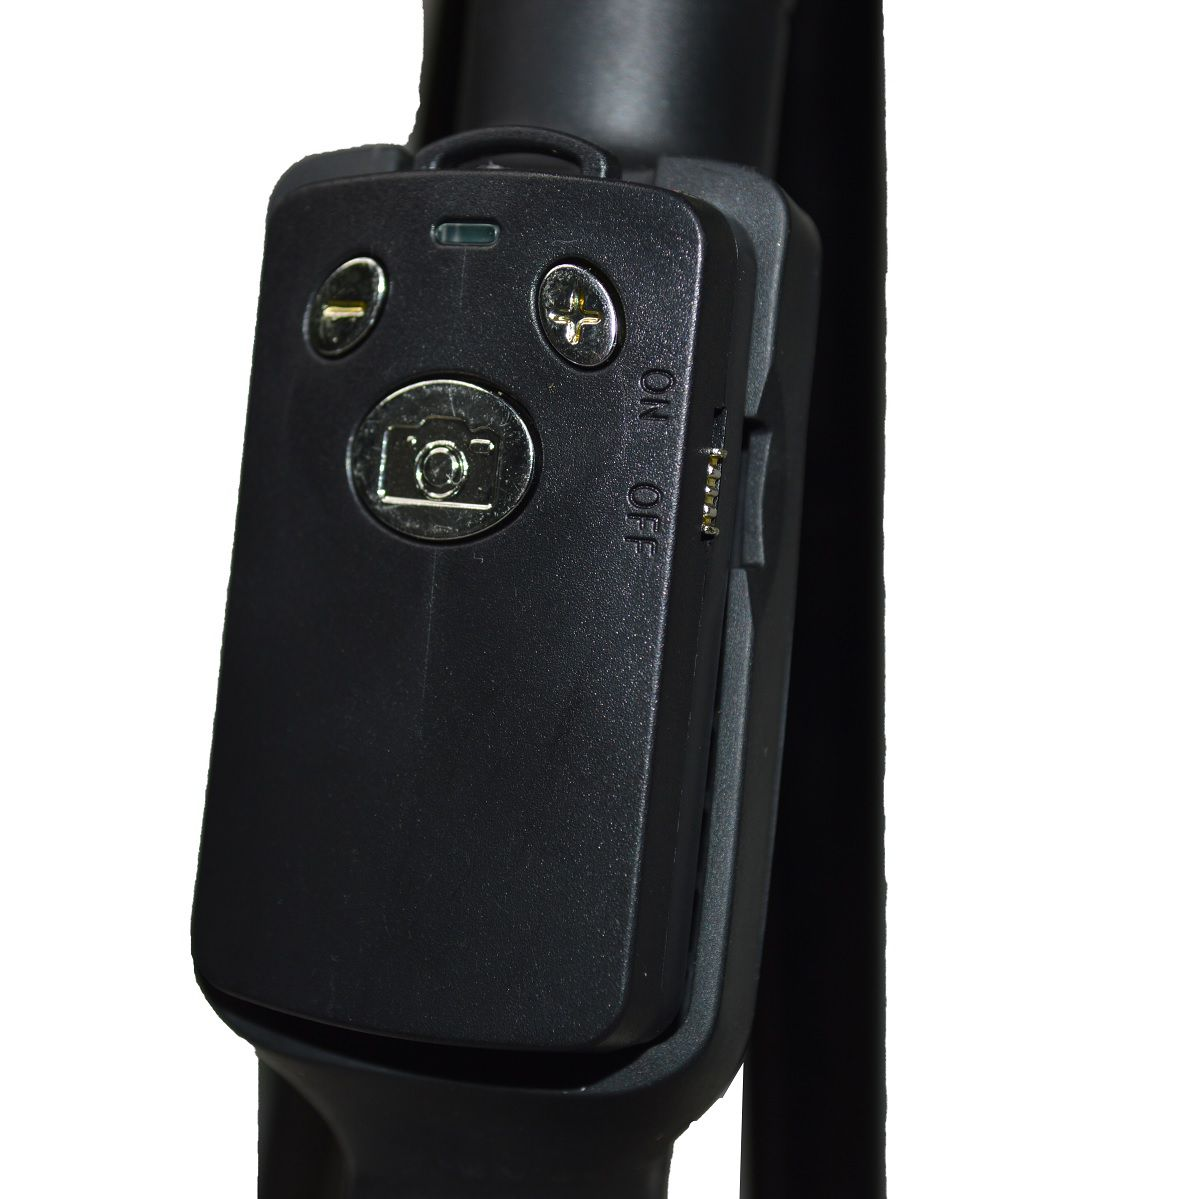 Tripé Tripod Universal Telescópico Com Suporte Celular Bluetooth 1,25 Metros - BJ-6218